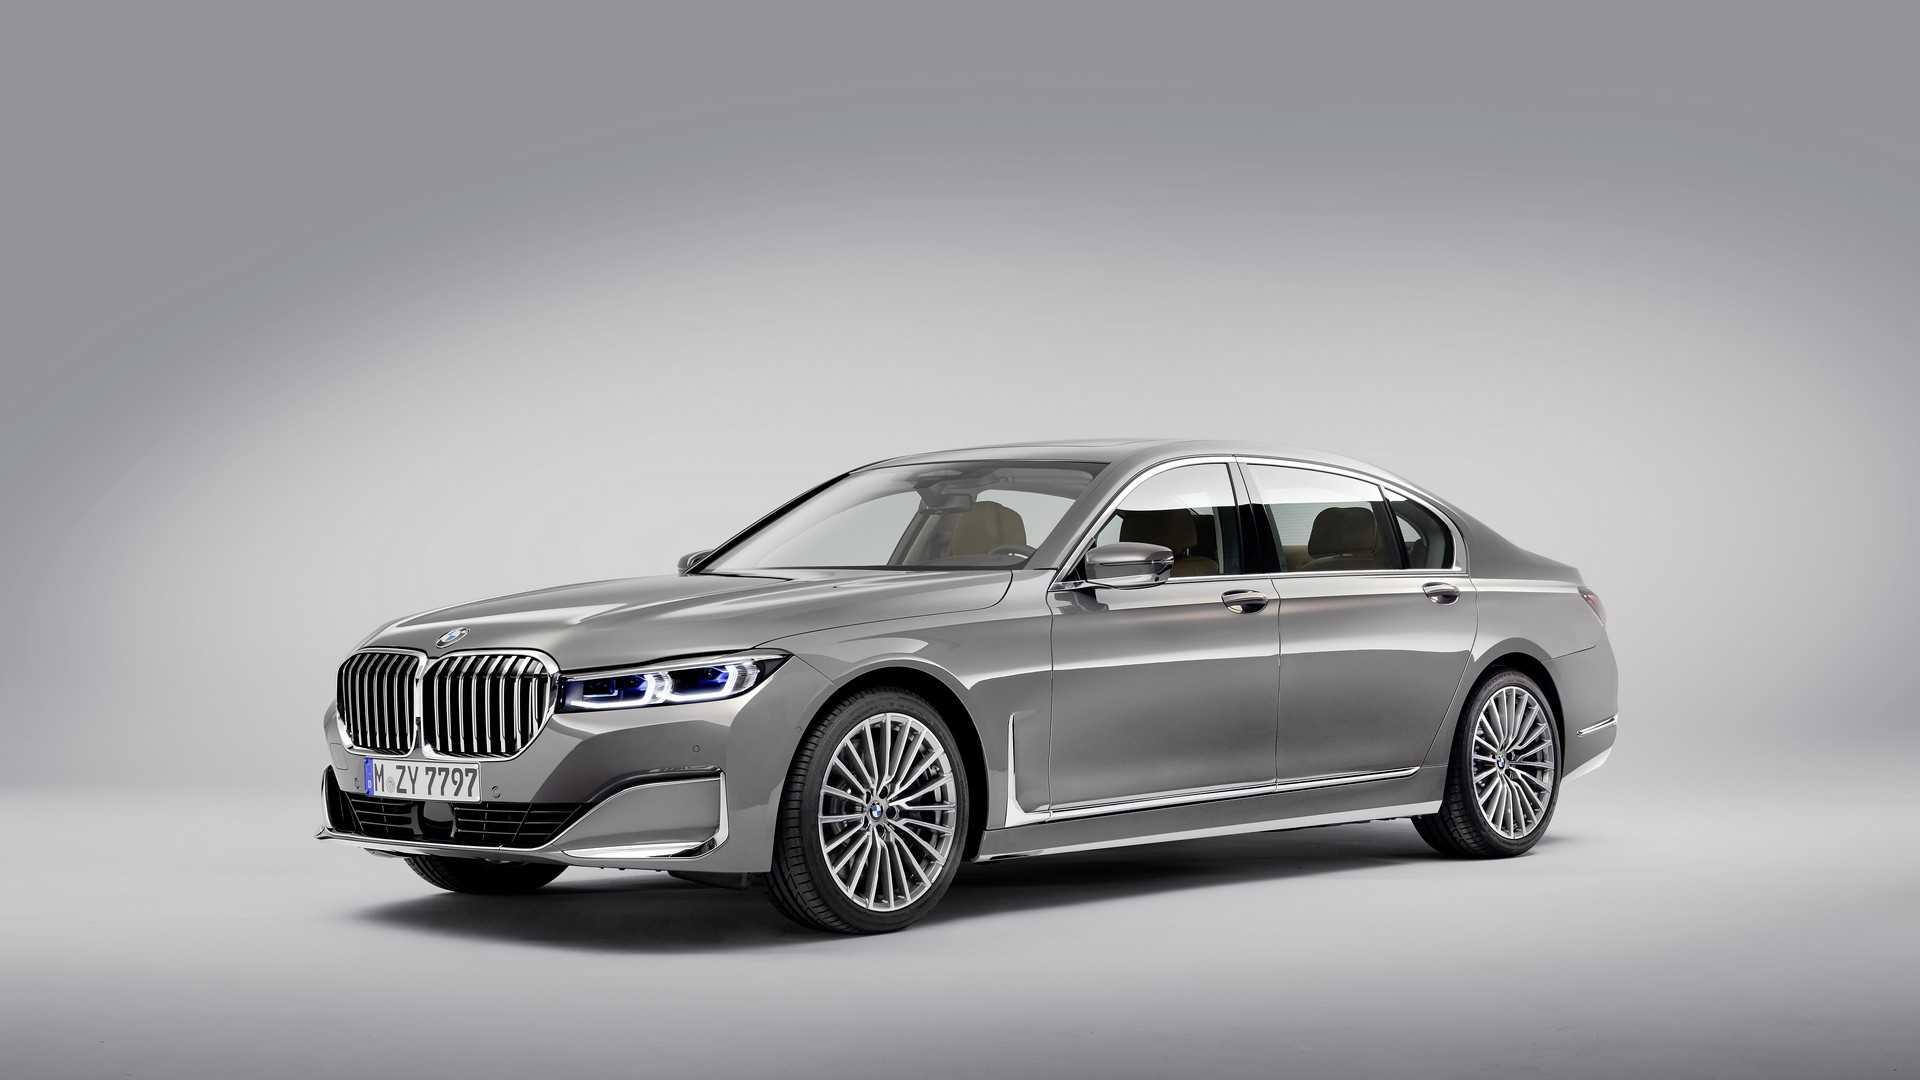 BMW 7 Series thế hệ mới sẽ có thêm bản chạy điện hoàn toàn - 1